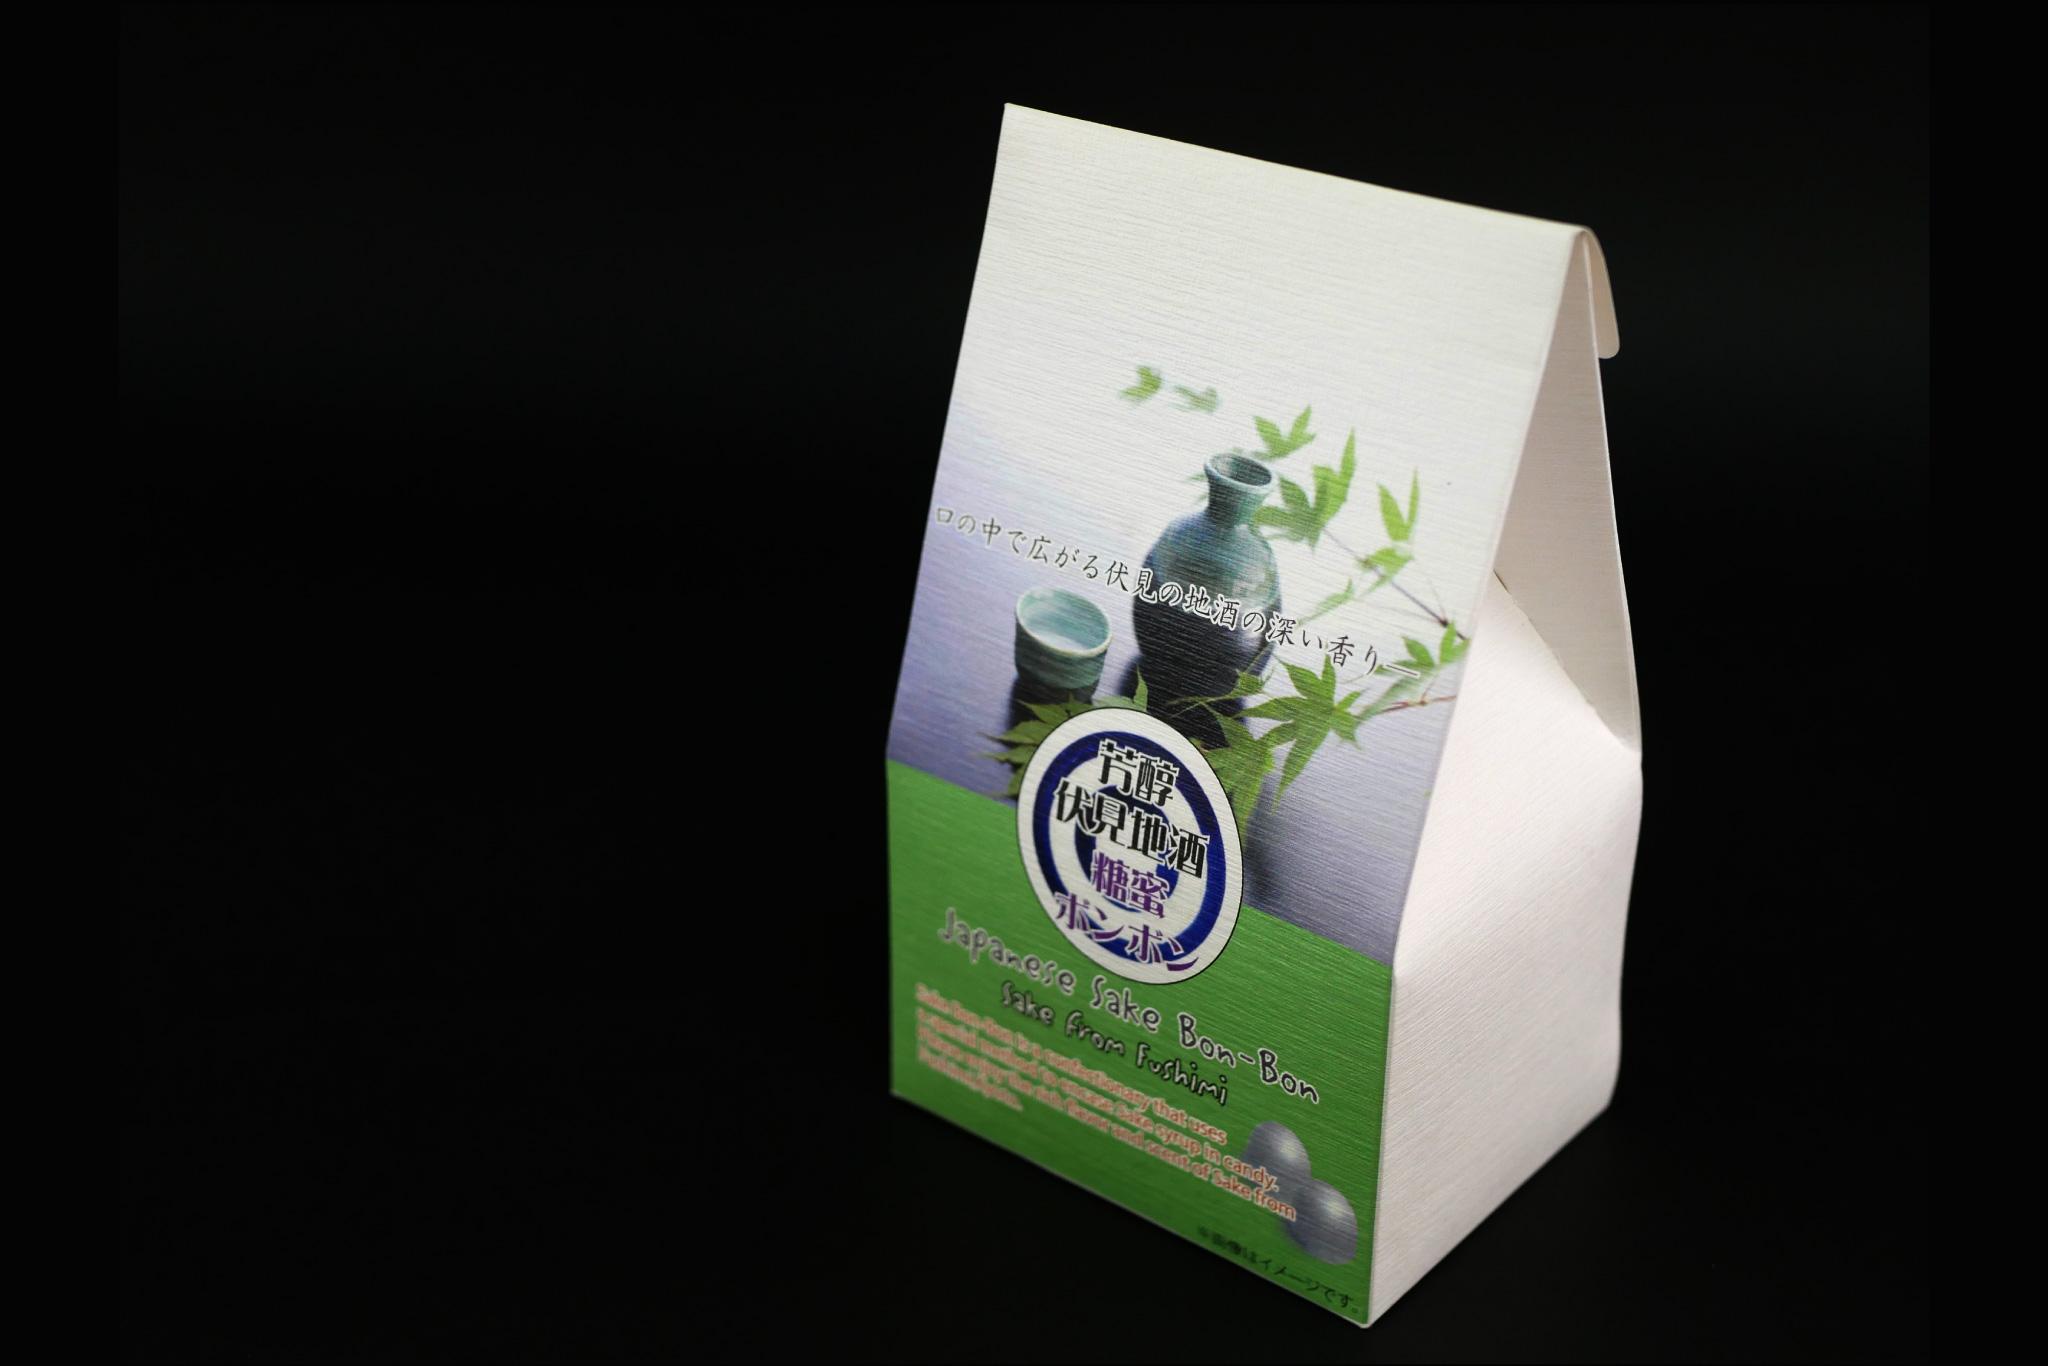 上尾製菓様 伏見地酒糖蜜ボンボンのパッケージ写真